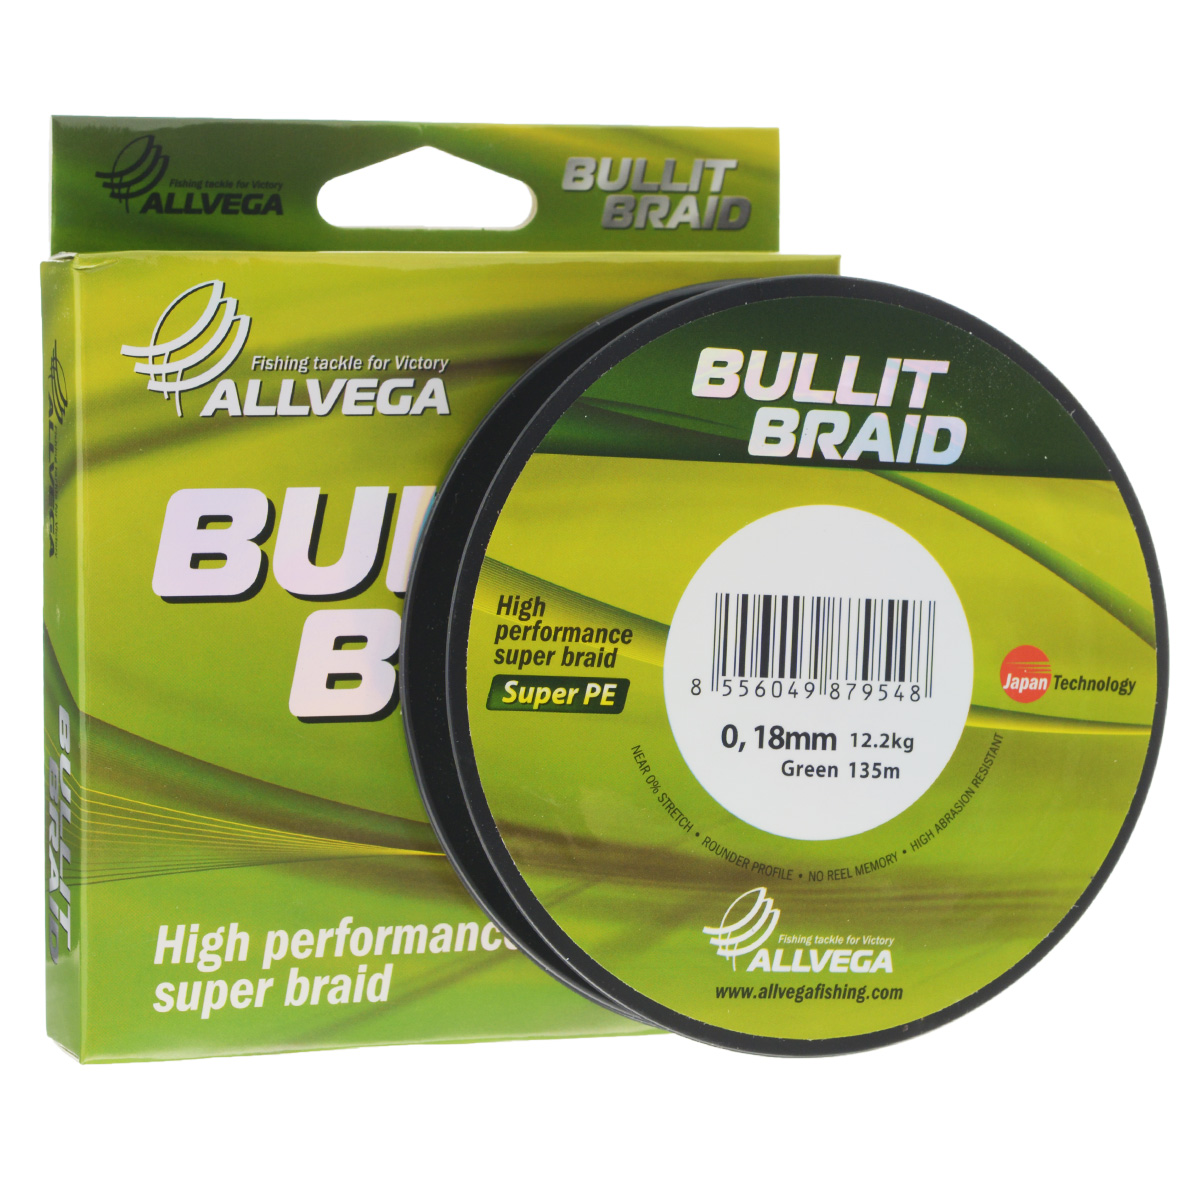 Леска плетеная Allvega Bullit Braid, цвет: темно-зеленый, 135 м, 0,18 мм, 12,2 кг39957Леска Allvega Bullit Braid с гладкой поверхностью и одинаковым сечением по всей длине обладает высокой износостойкостью. Благодаря микроволокнам полиэтилена (Super PE) леска имеет очень плотное плетение и не впитывает воду. Леску Allvega Bullit Braid можно применять в любых типах водоемов. Особенности:повышенная износостойкость;высокая чувствительность - коэффициент растяжения близок к нулю;отсутствует память; идеально гладкая поверхность позволяет увеличить дальность забросов; высокая прочность шнура на узлах.